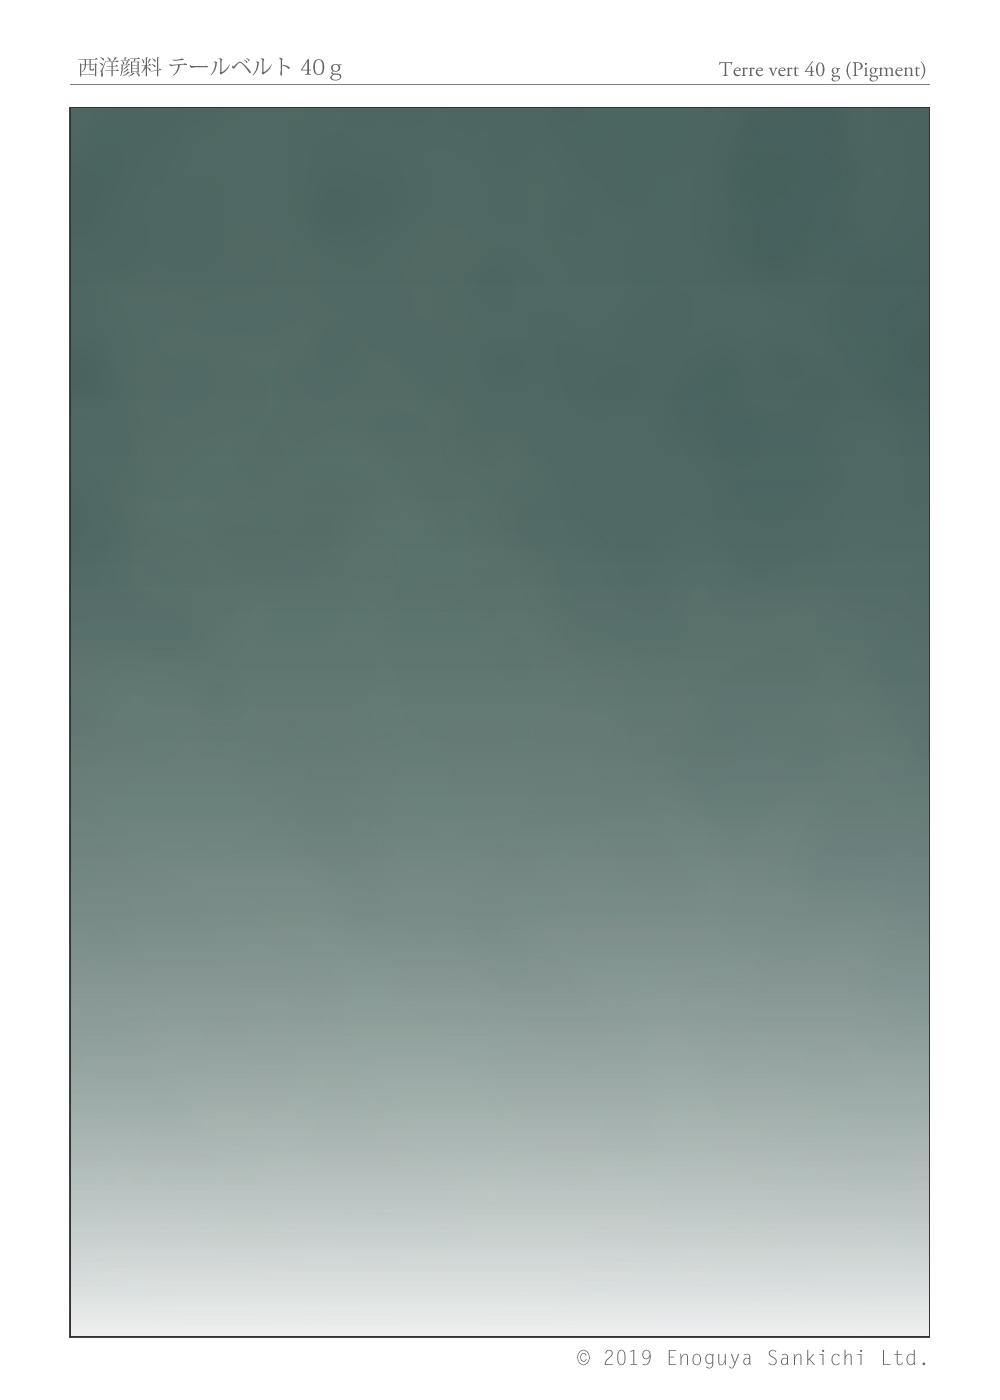 西洋顔料 テールベルト 40g